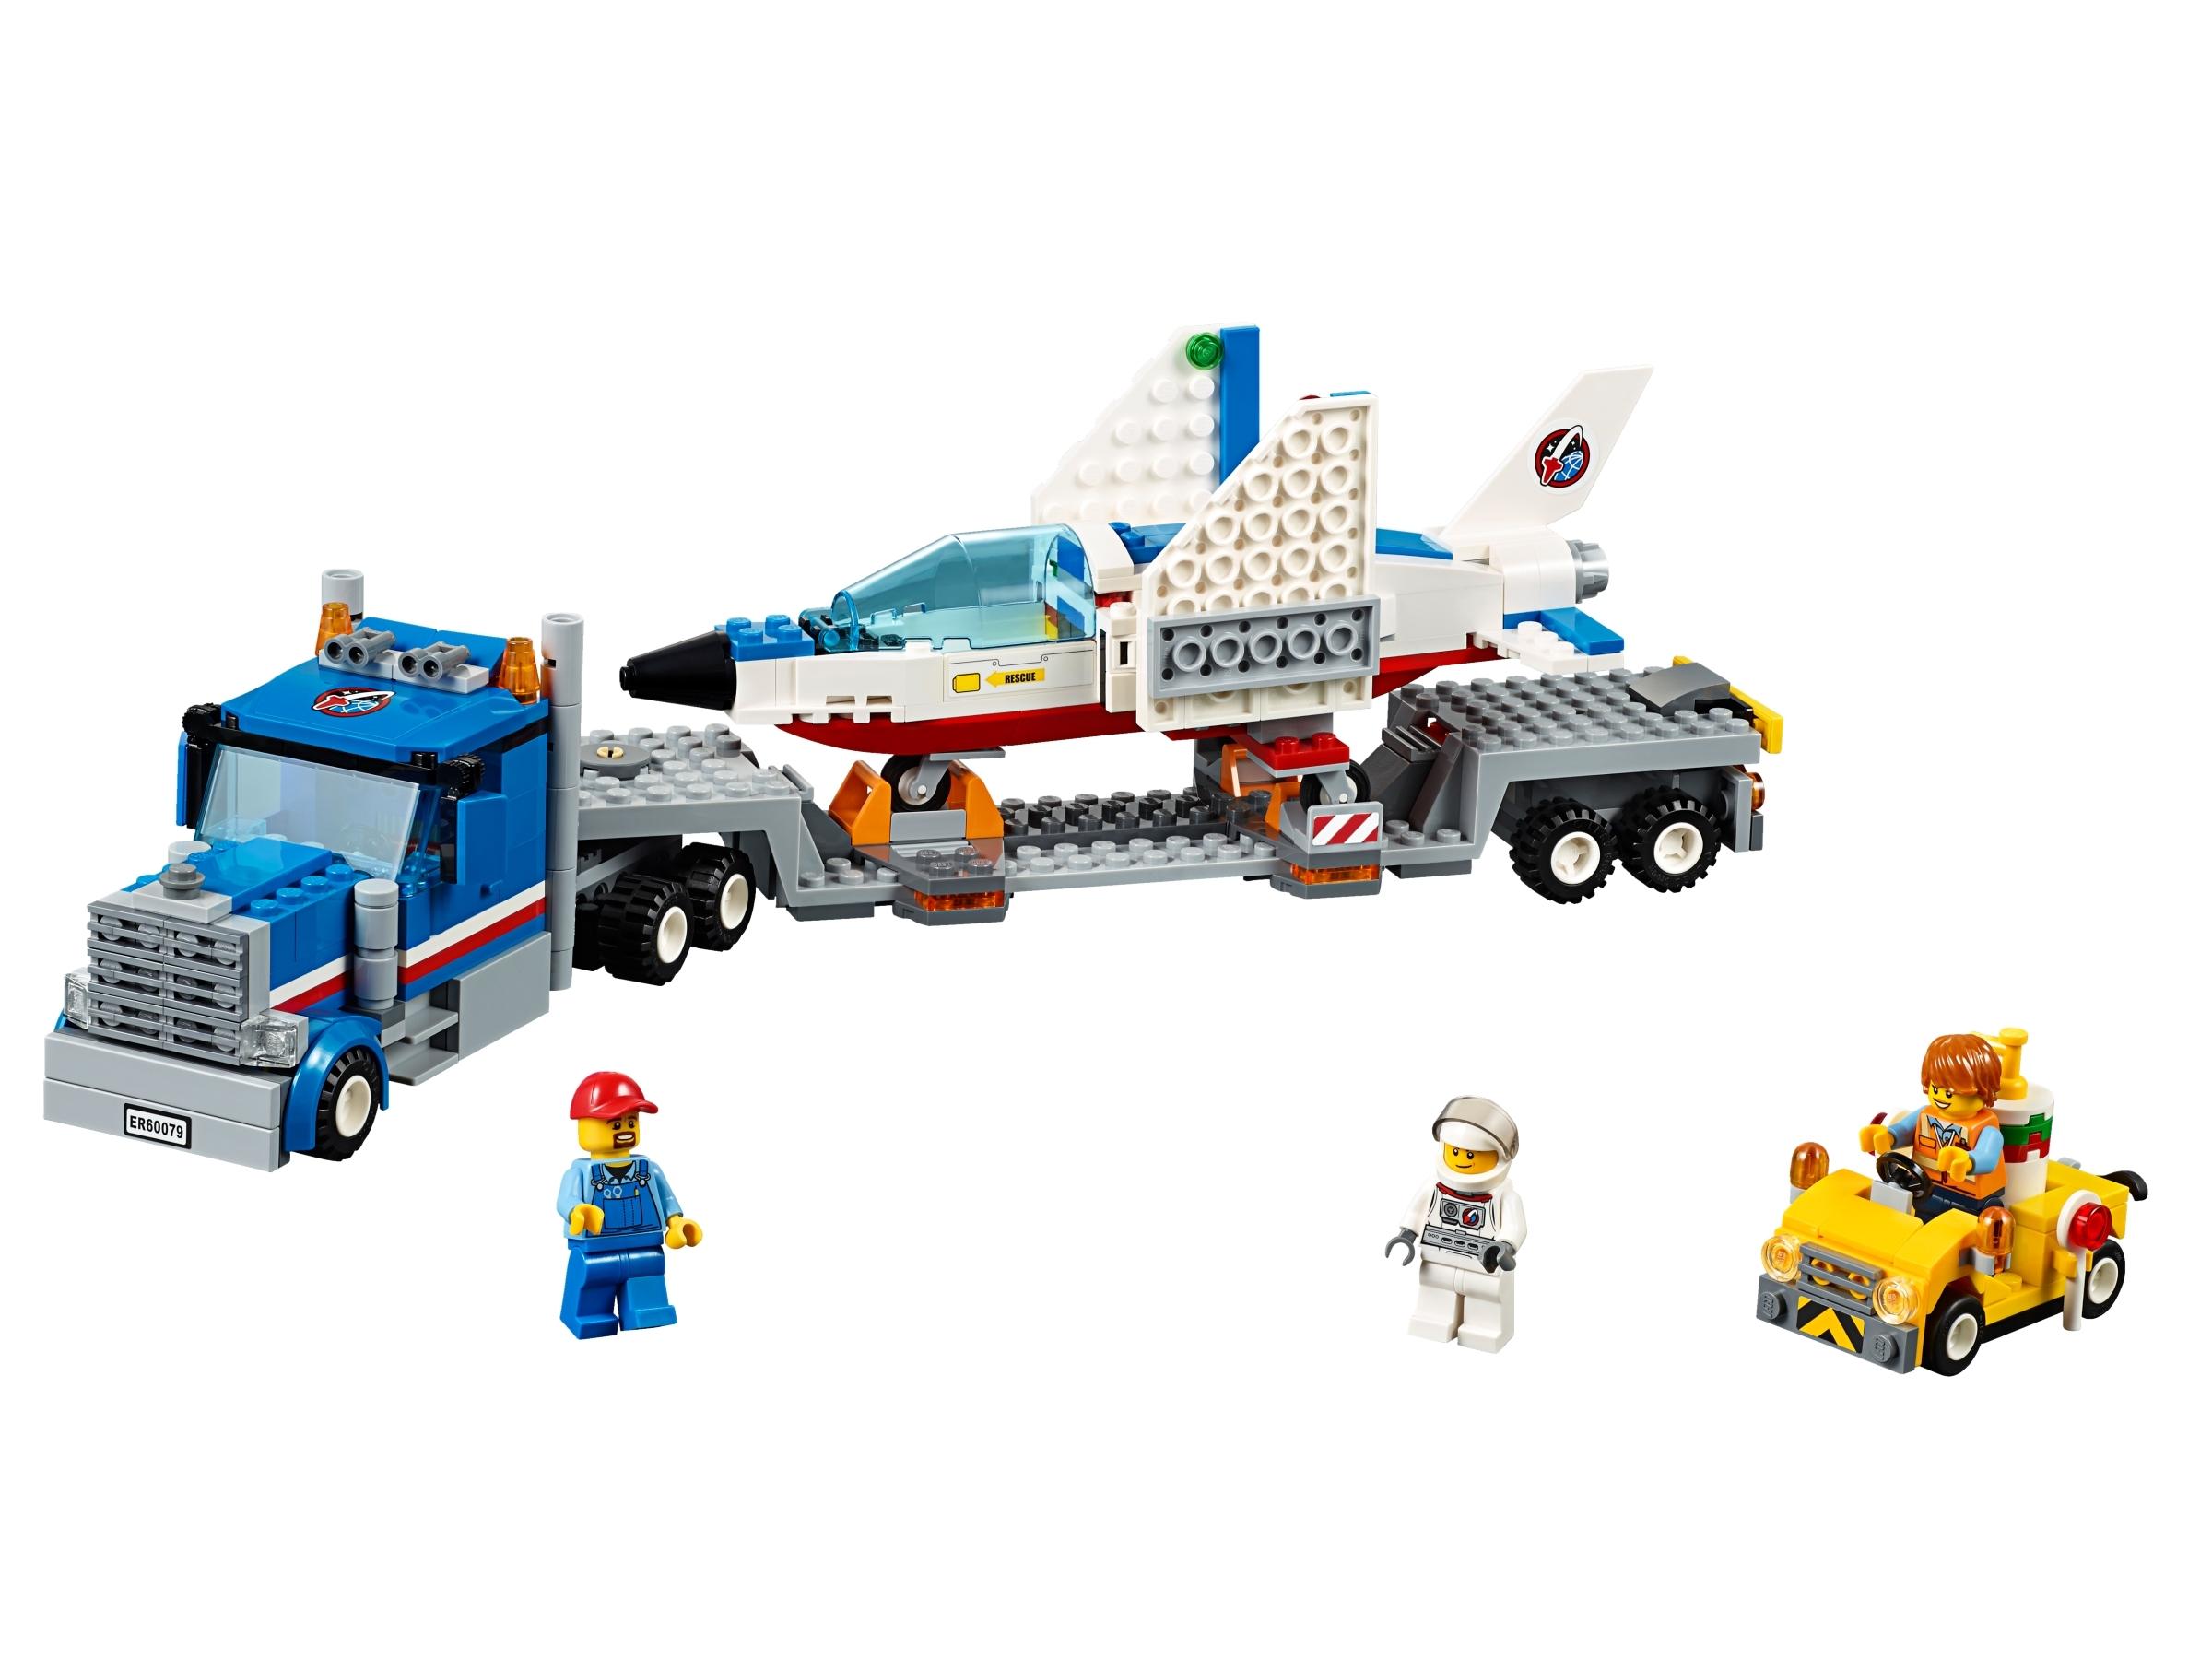 lego trainingsvliegtuig transport 60079